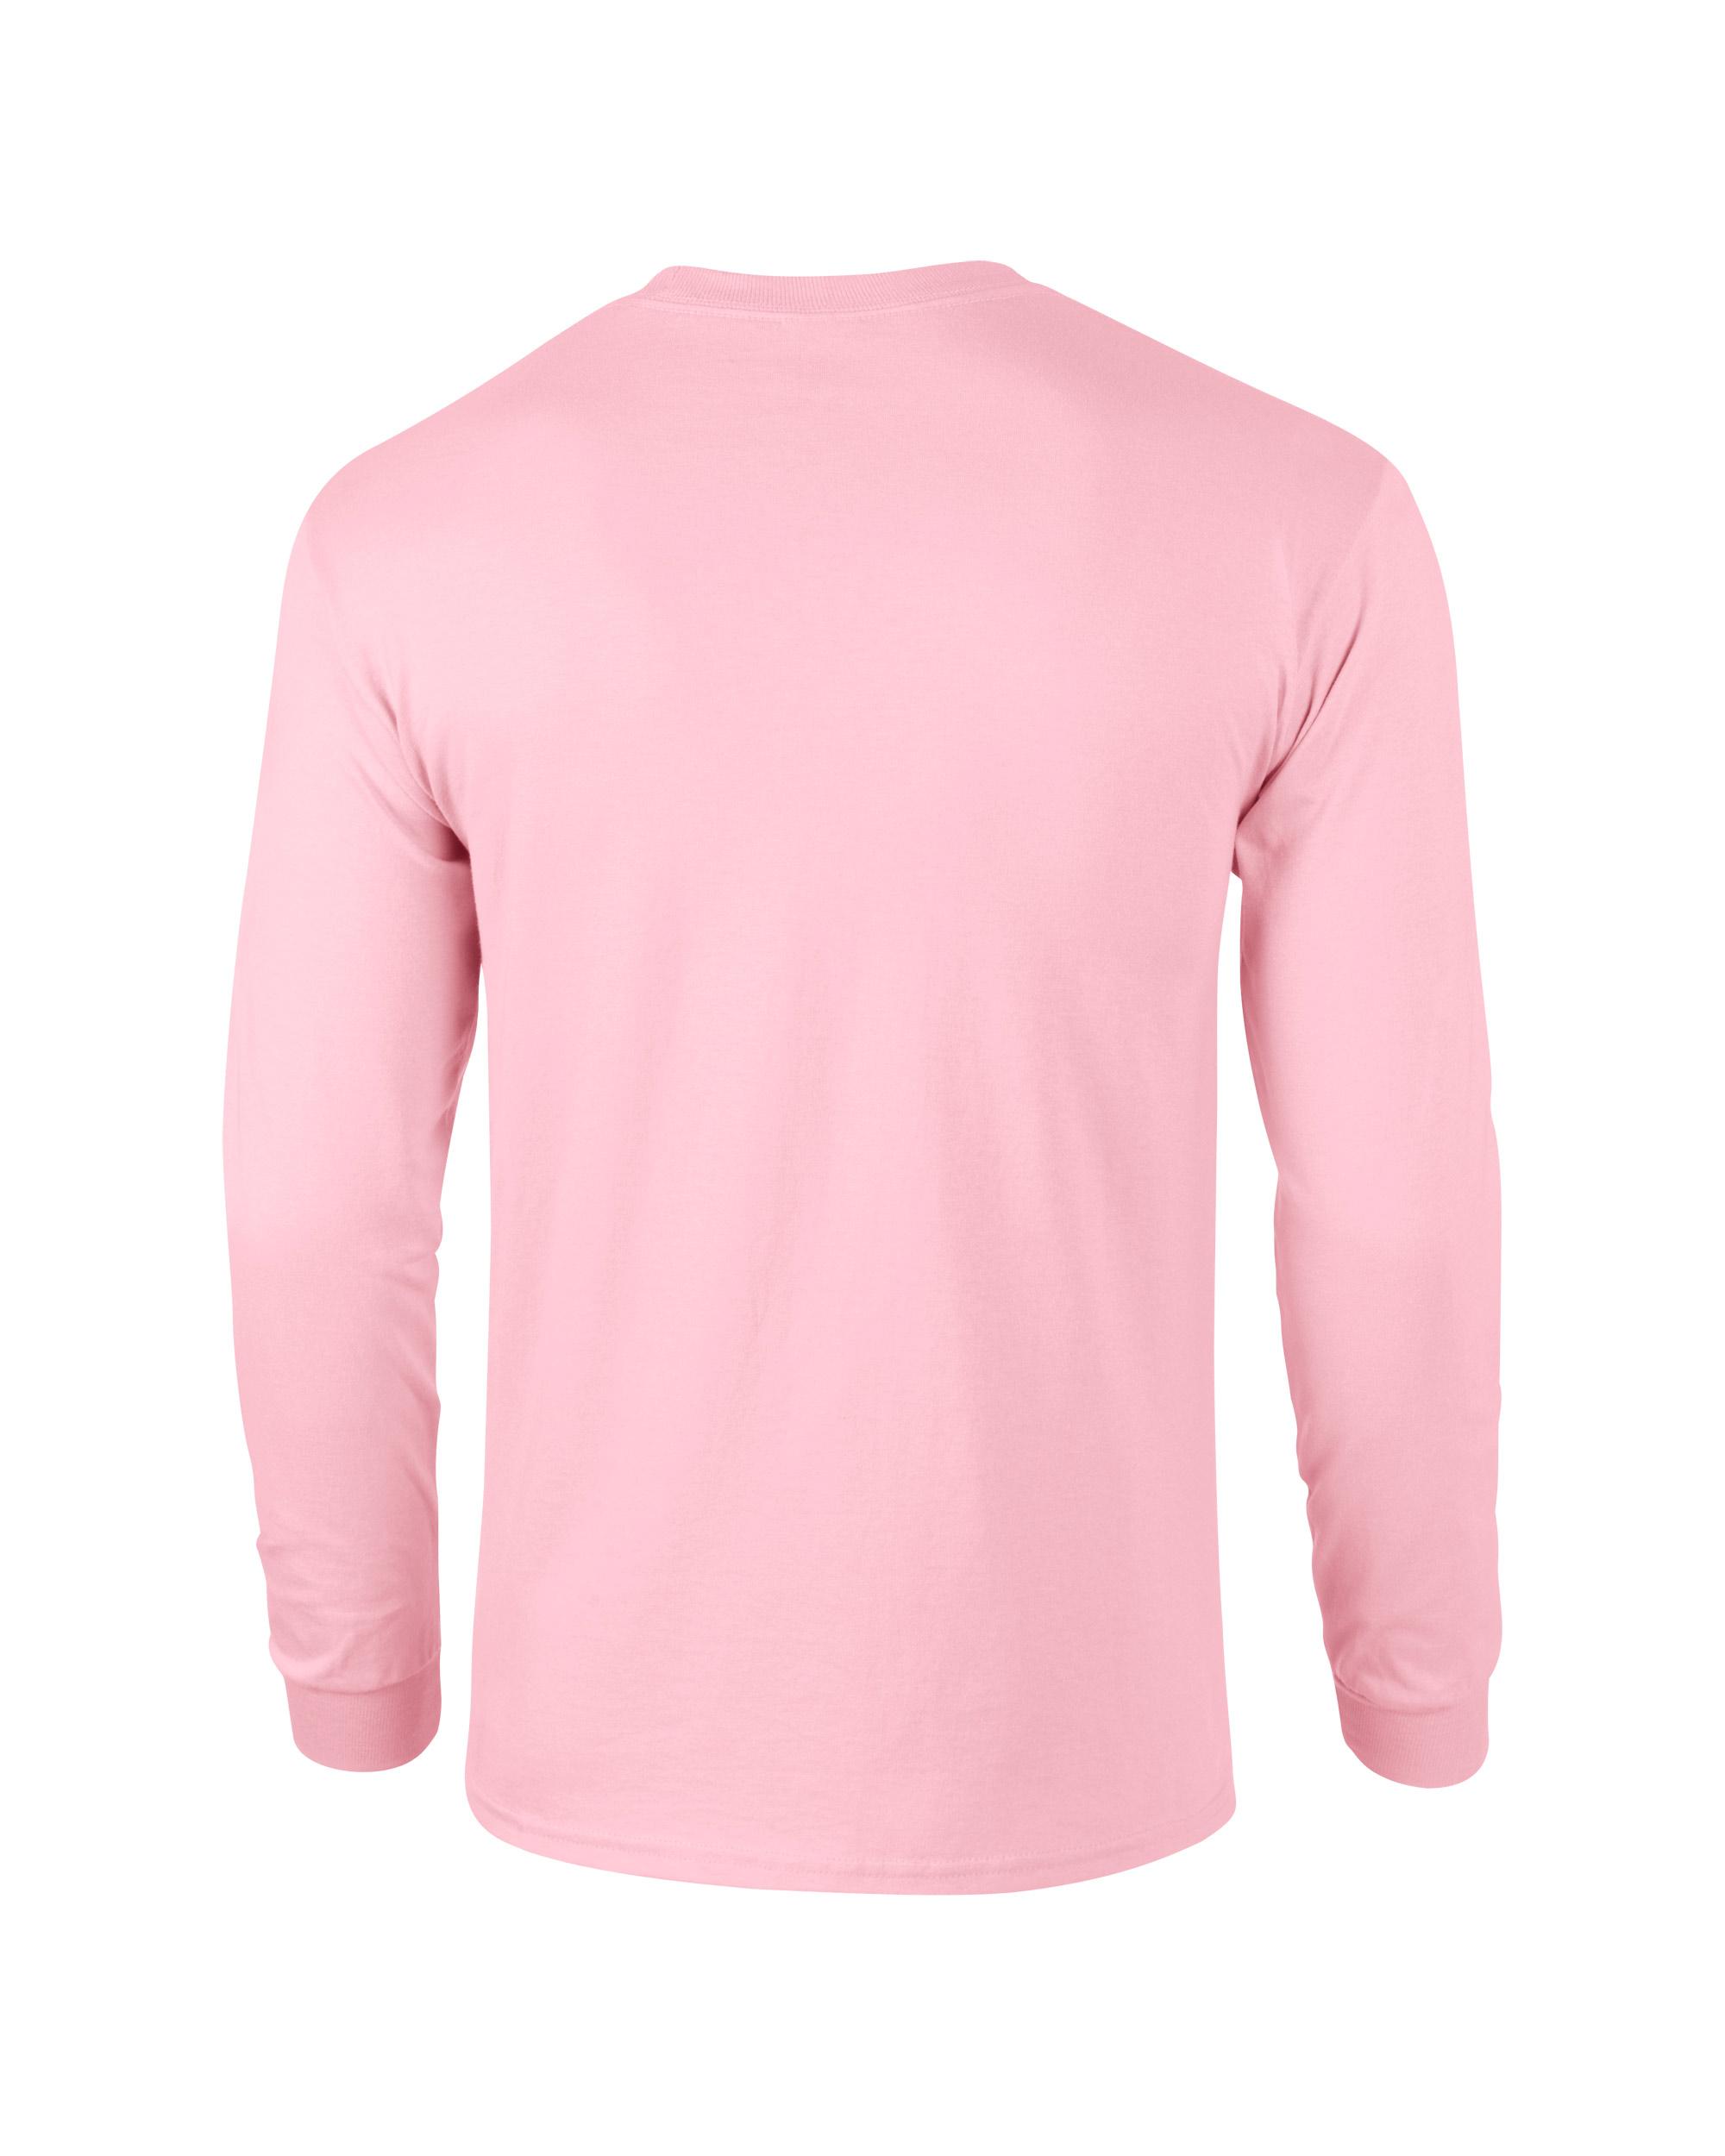 Gildan Adult Unisex Ultra Cotton Long Sleeve T-Shirt - Team Shirt Pros